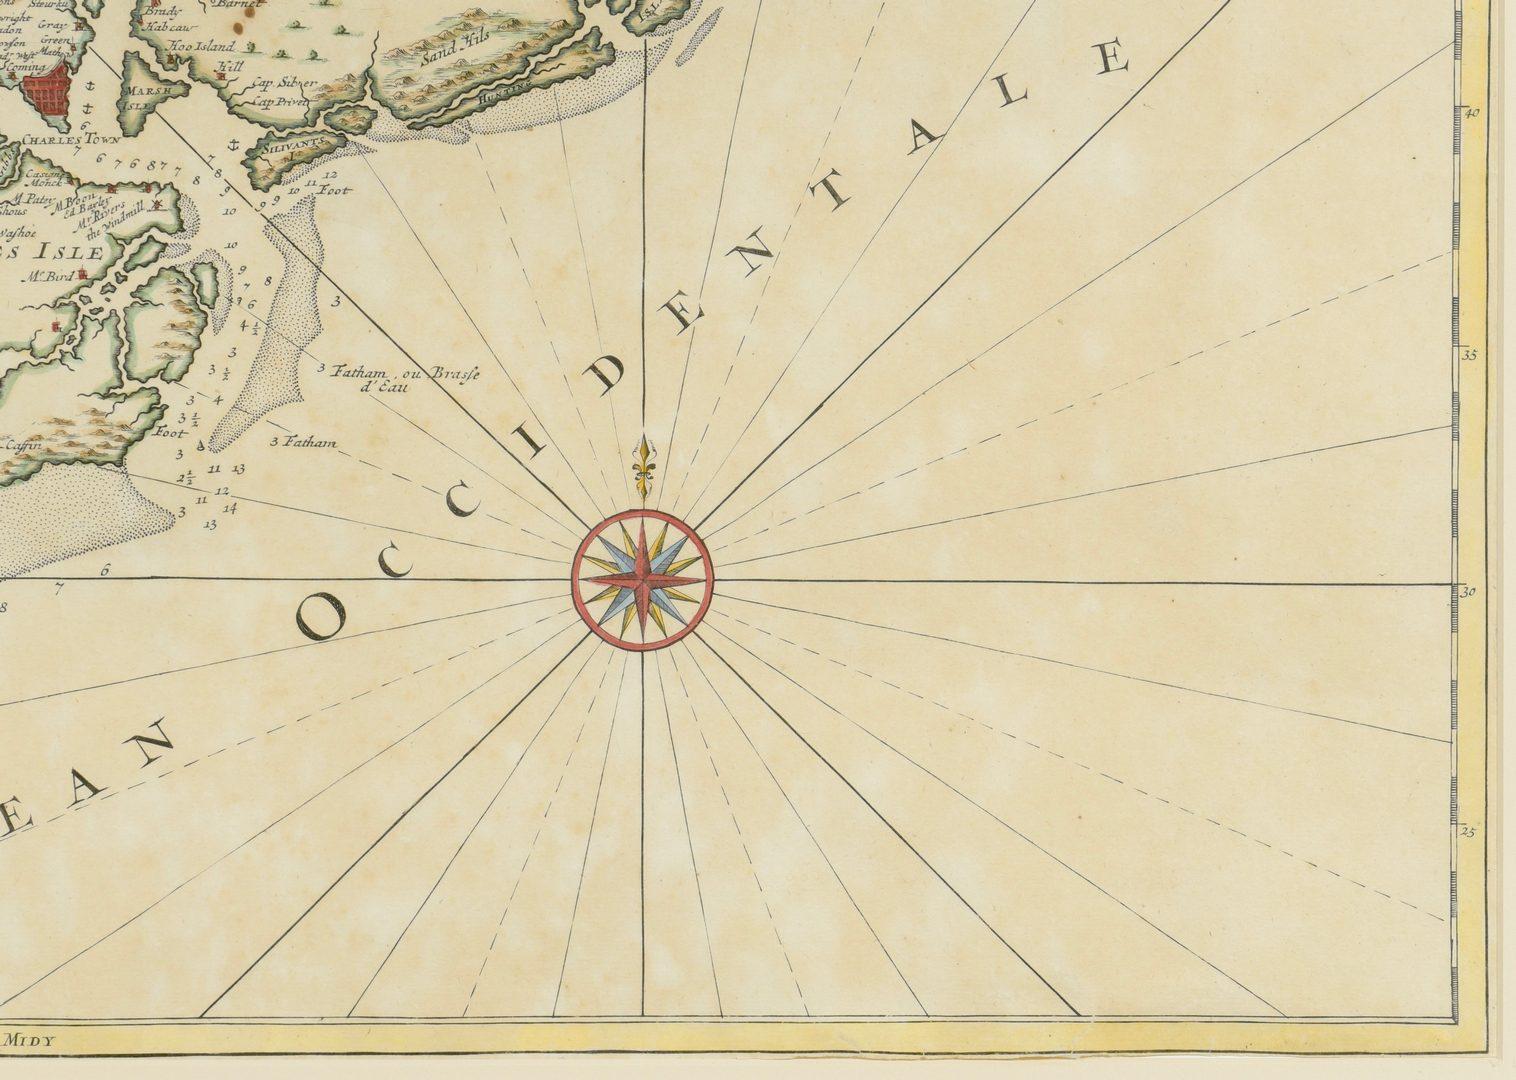 Lot 265: Important Early South Carolina Map 1696